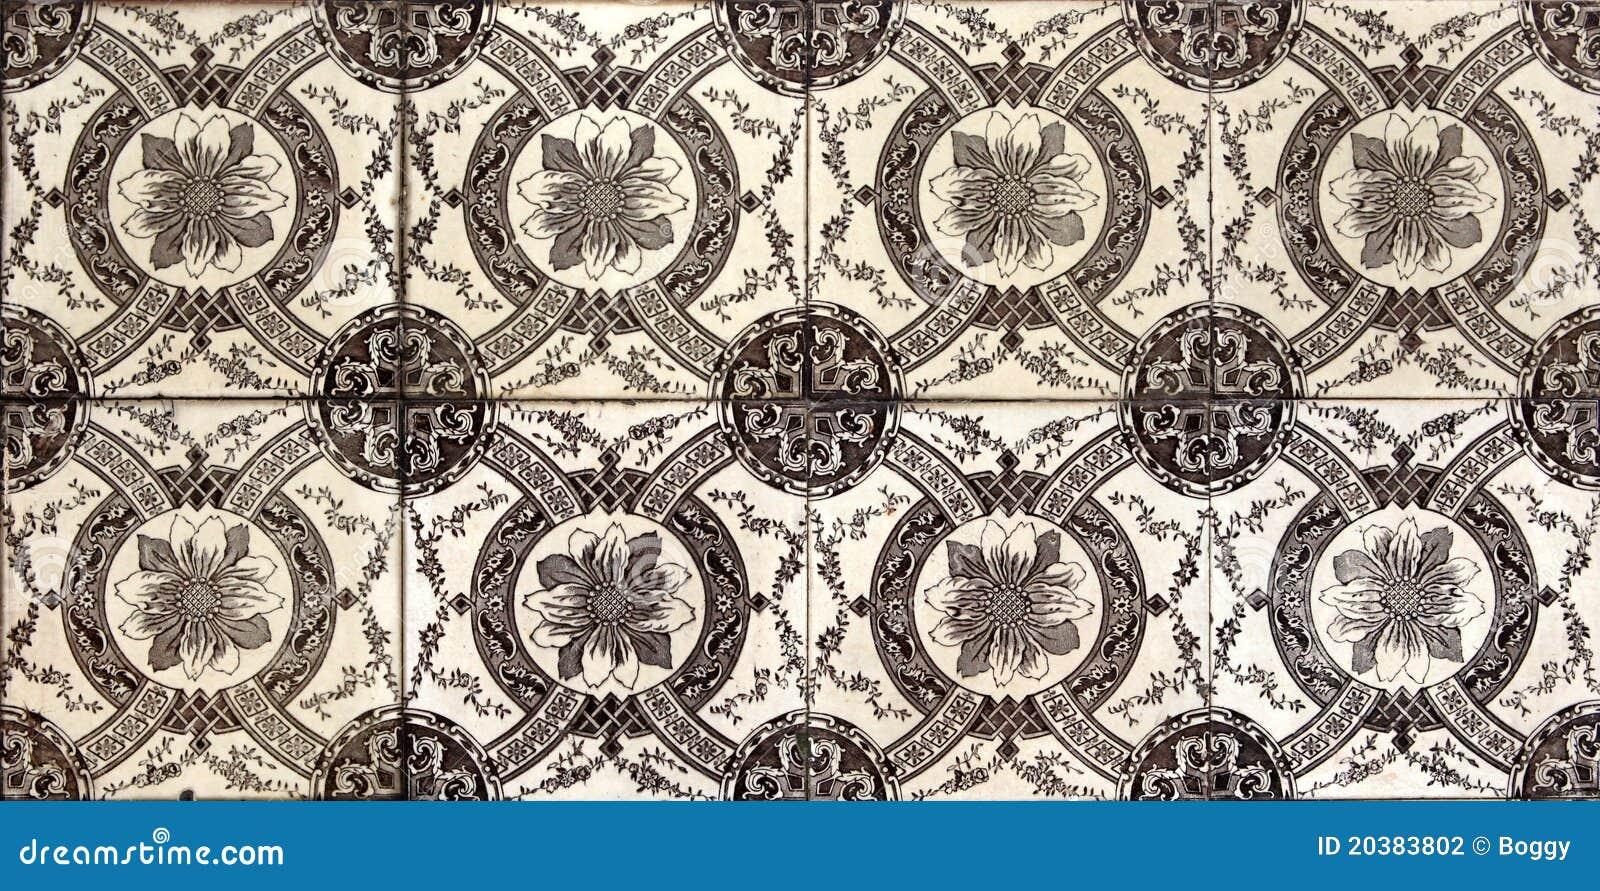 Innenarchitektur Remo Fliesen Dekoration Von Pattern Lissabon-fliesen Stockfoto. Bild Von Kunst, Elemente